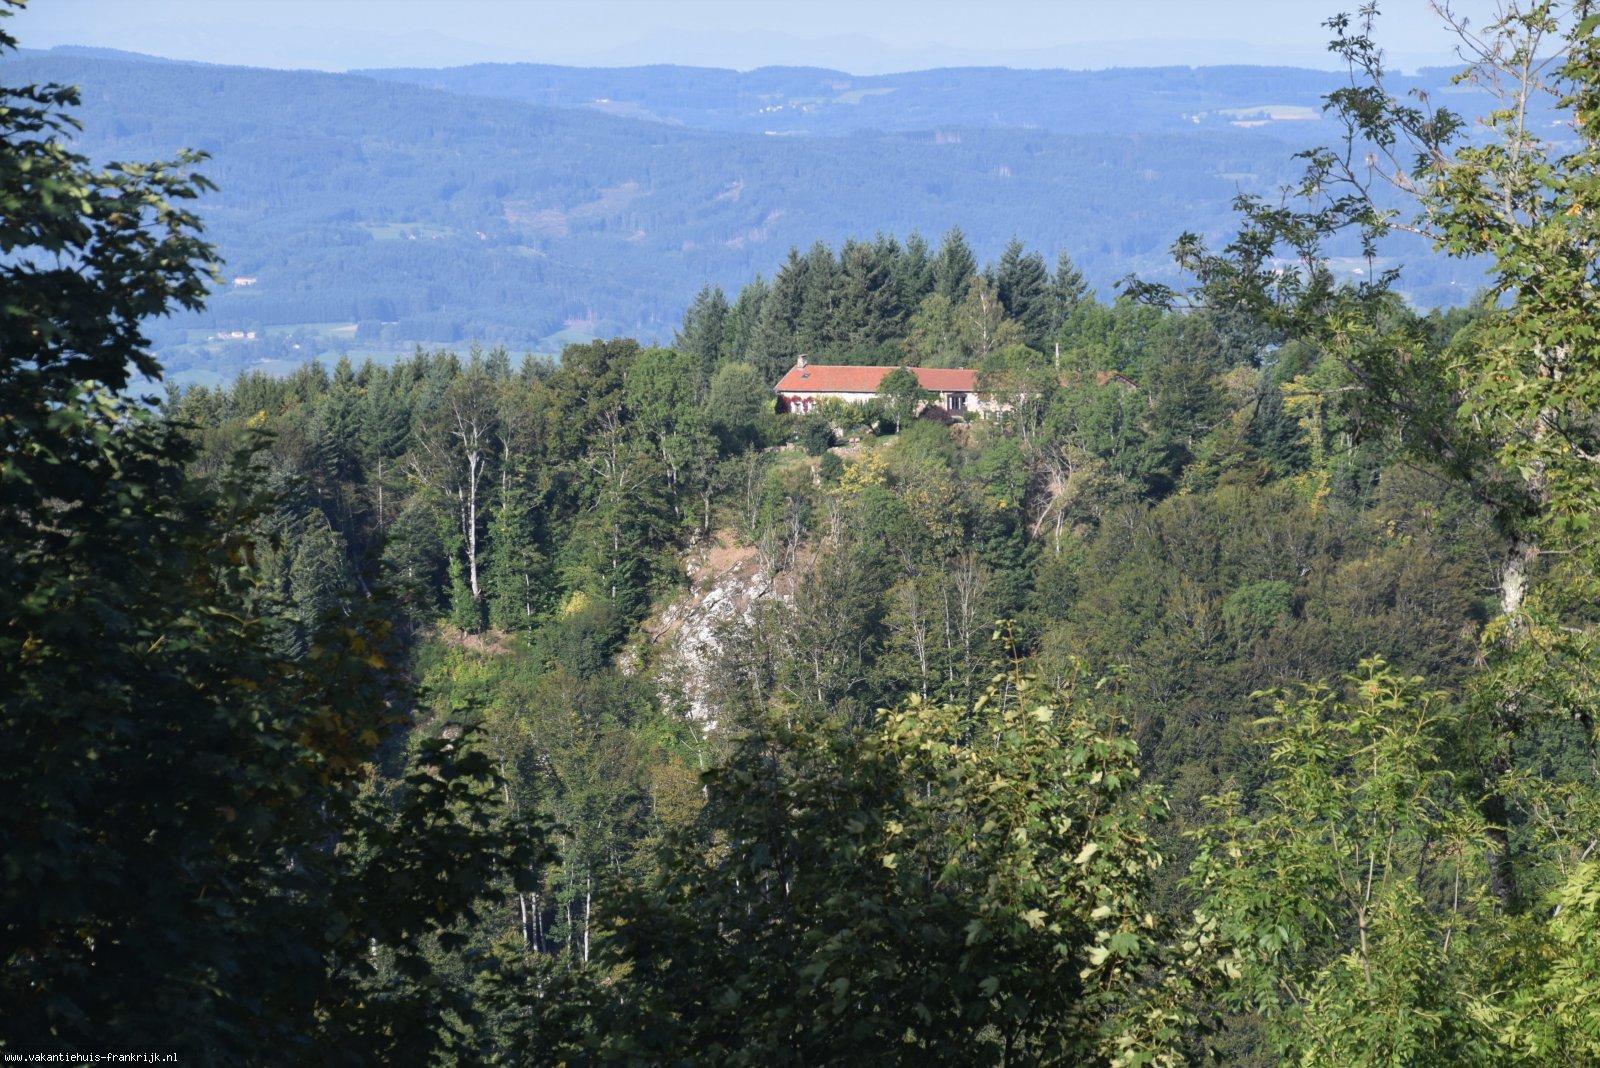 Vakantiehuis: Auvergne-Puy de Dome. Vrijstaand, 6 personen, Vrij uitzicht, 3 slaapkamers, 6 pers., grote tuin, wifi, honden toegestaan, 15 jaar ervaring te huur voor uw vakantie in Puy de Dome (Frankrijk)